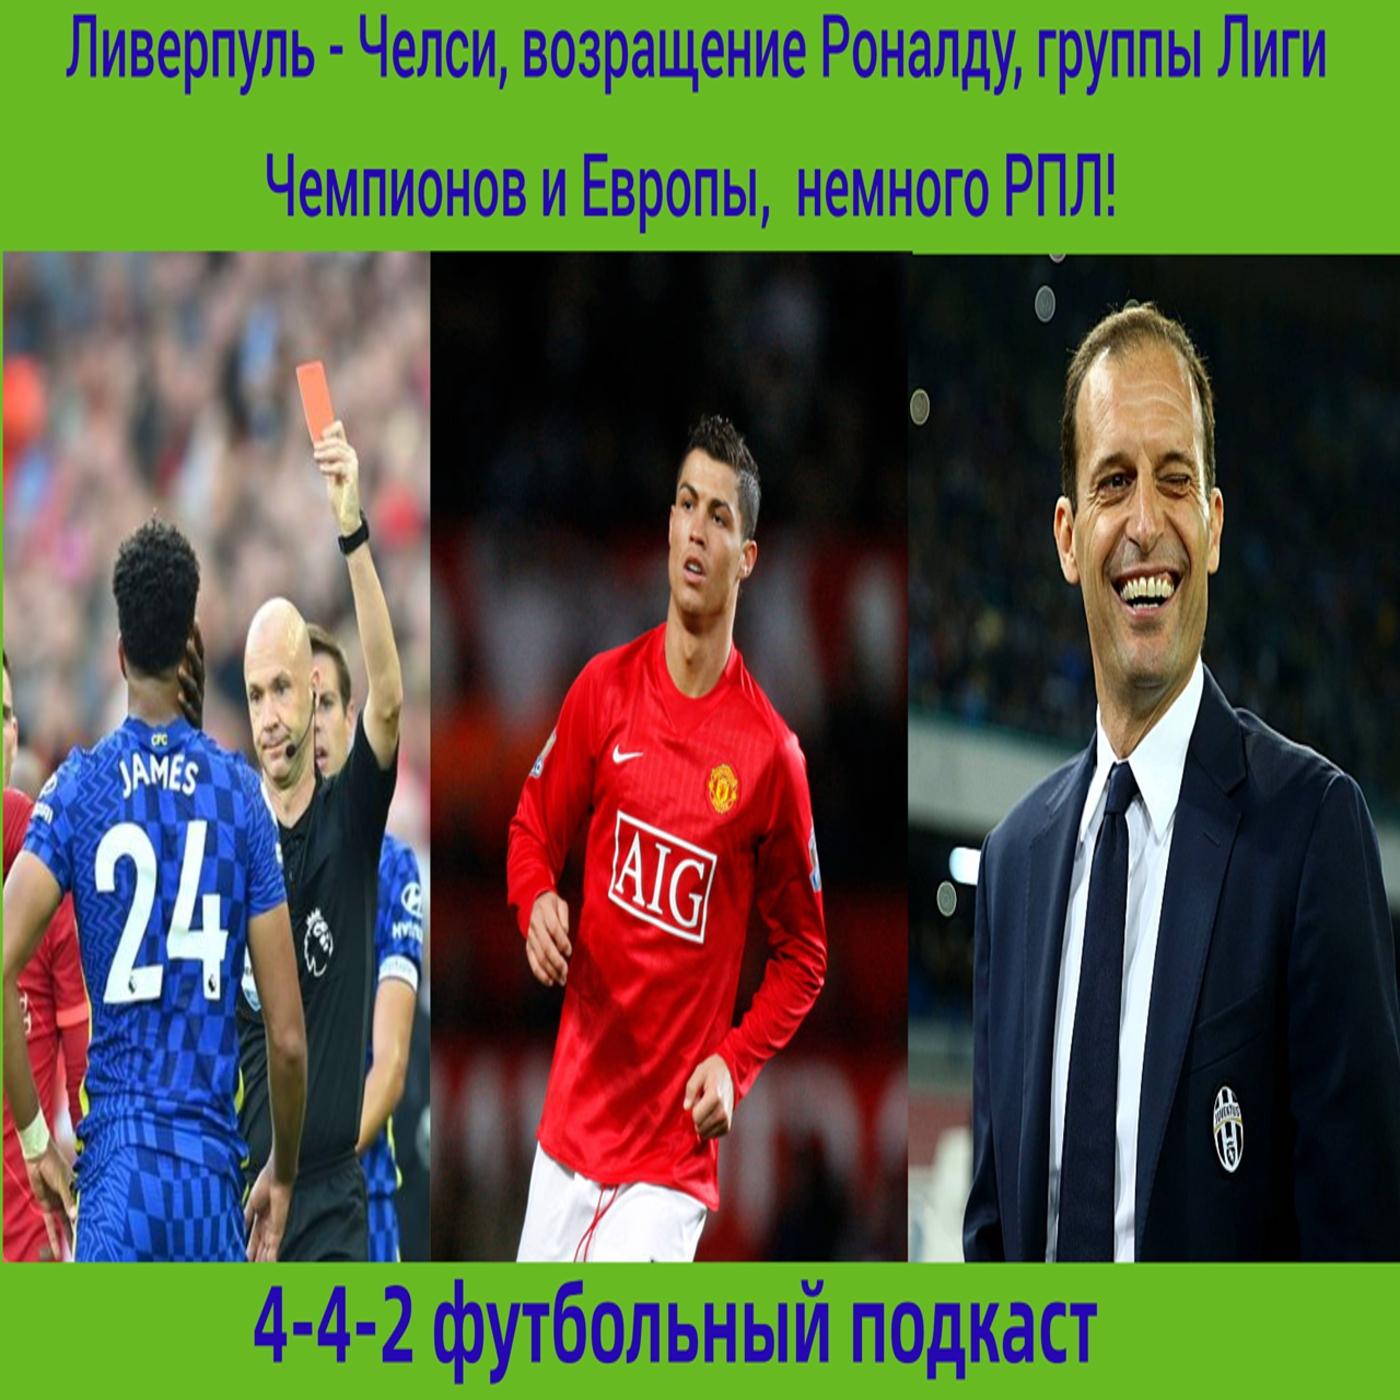 Ливерпуль - Челси, возращение Роналду, группы Лиги Чемпионов и Европы, немного РПЛ!